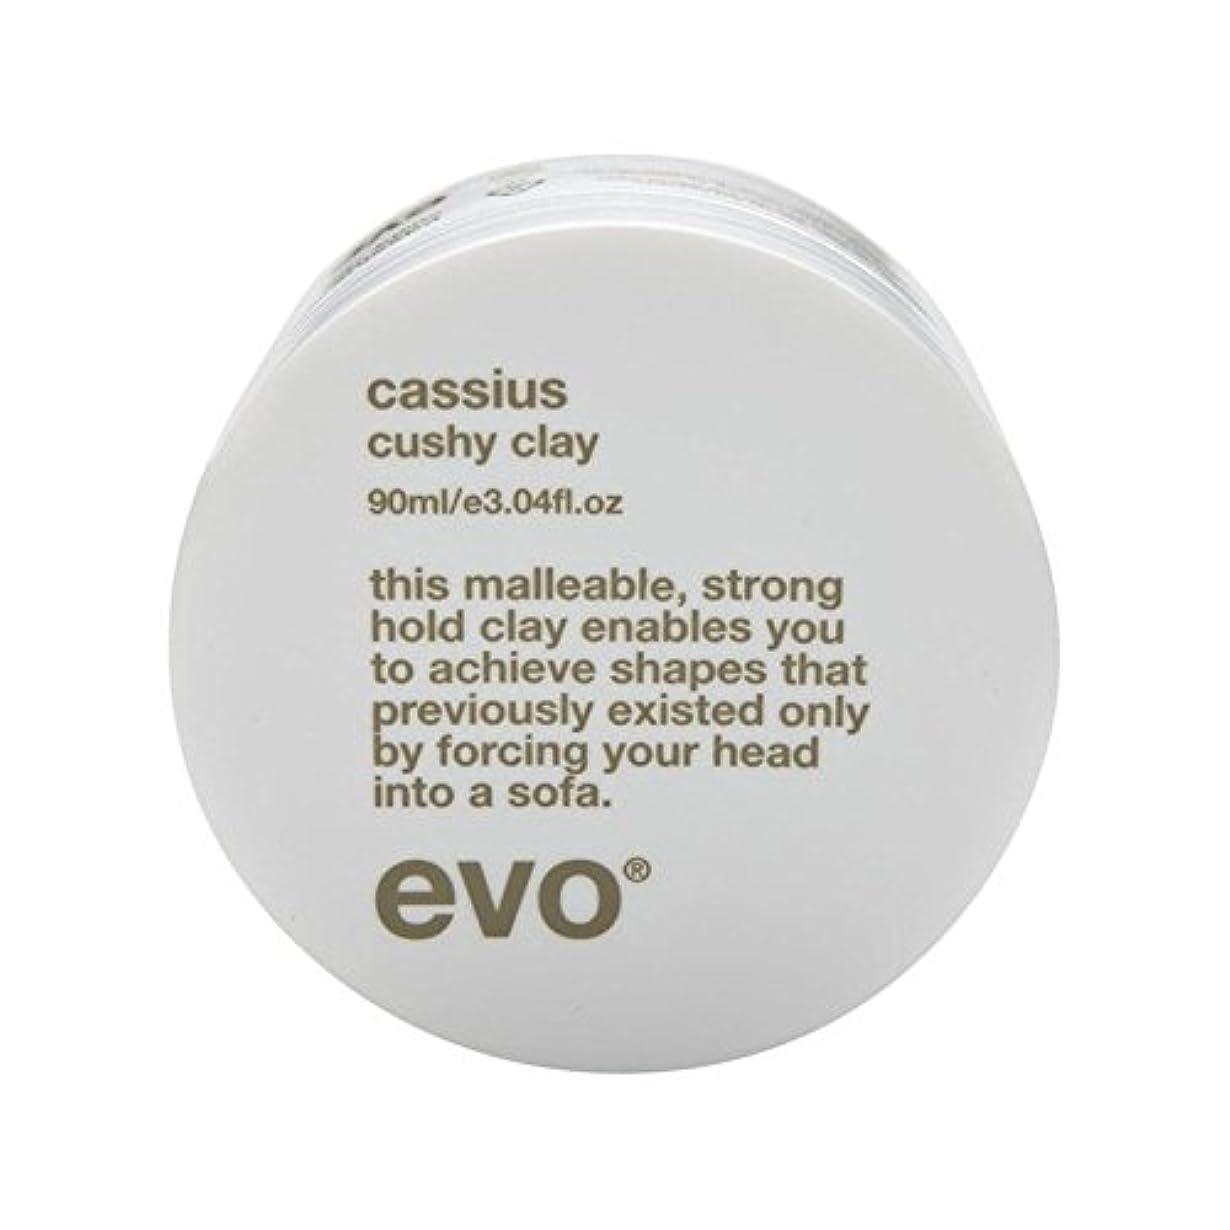 繊維浸食認めるエボカシウス楽な粘土90グラム x2 - Evo Cassius Cushy Clay 90G (Pack of 2) [並行輸入品]